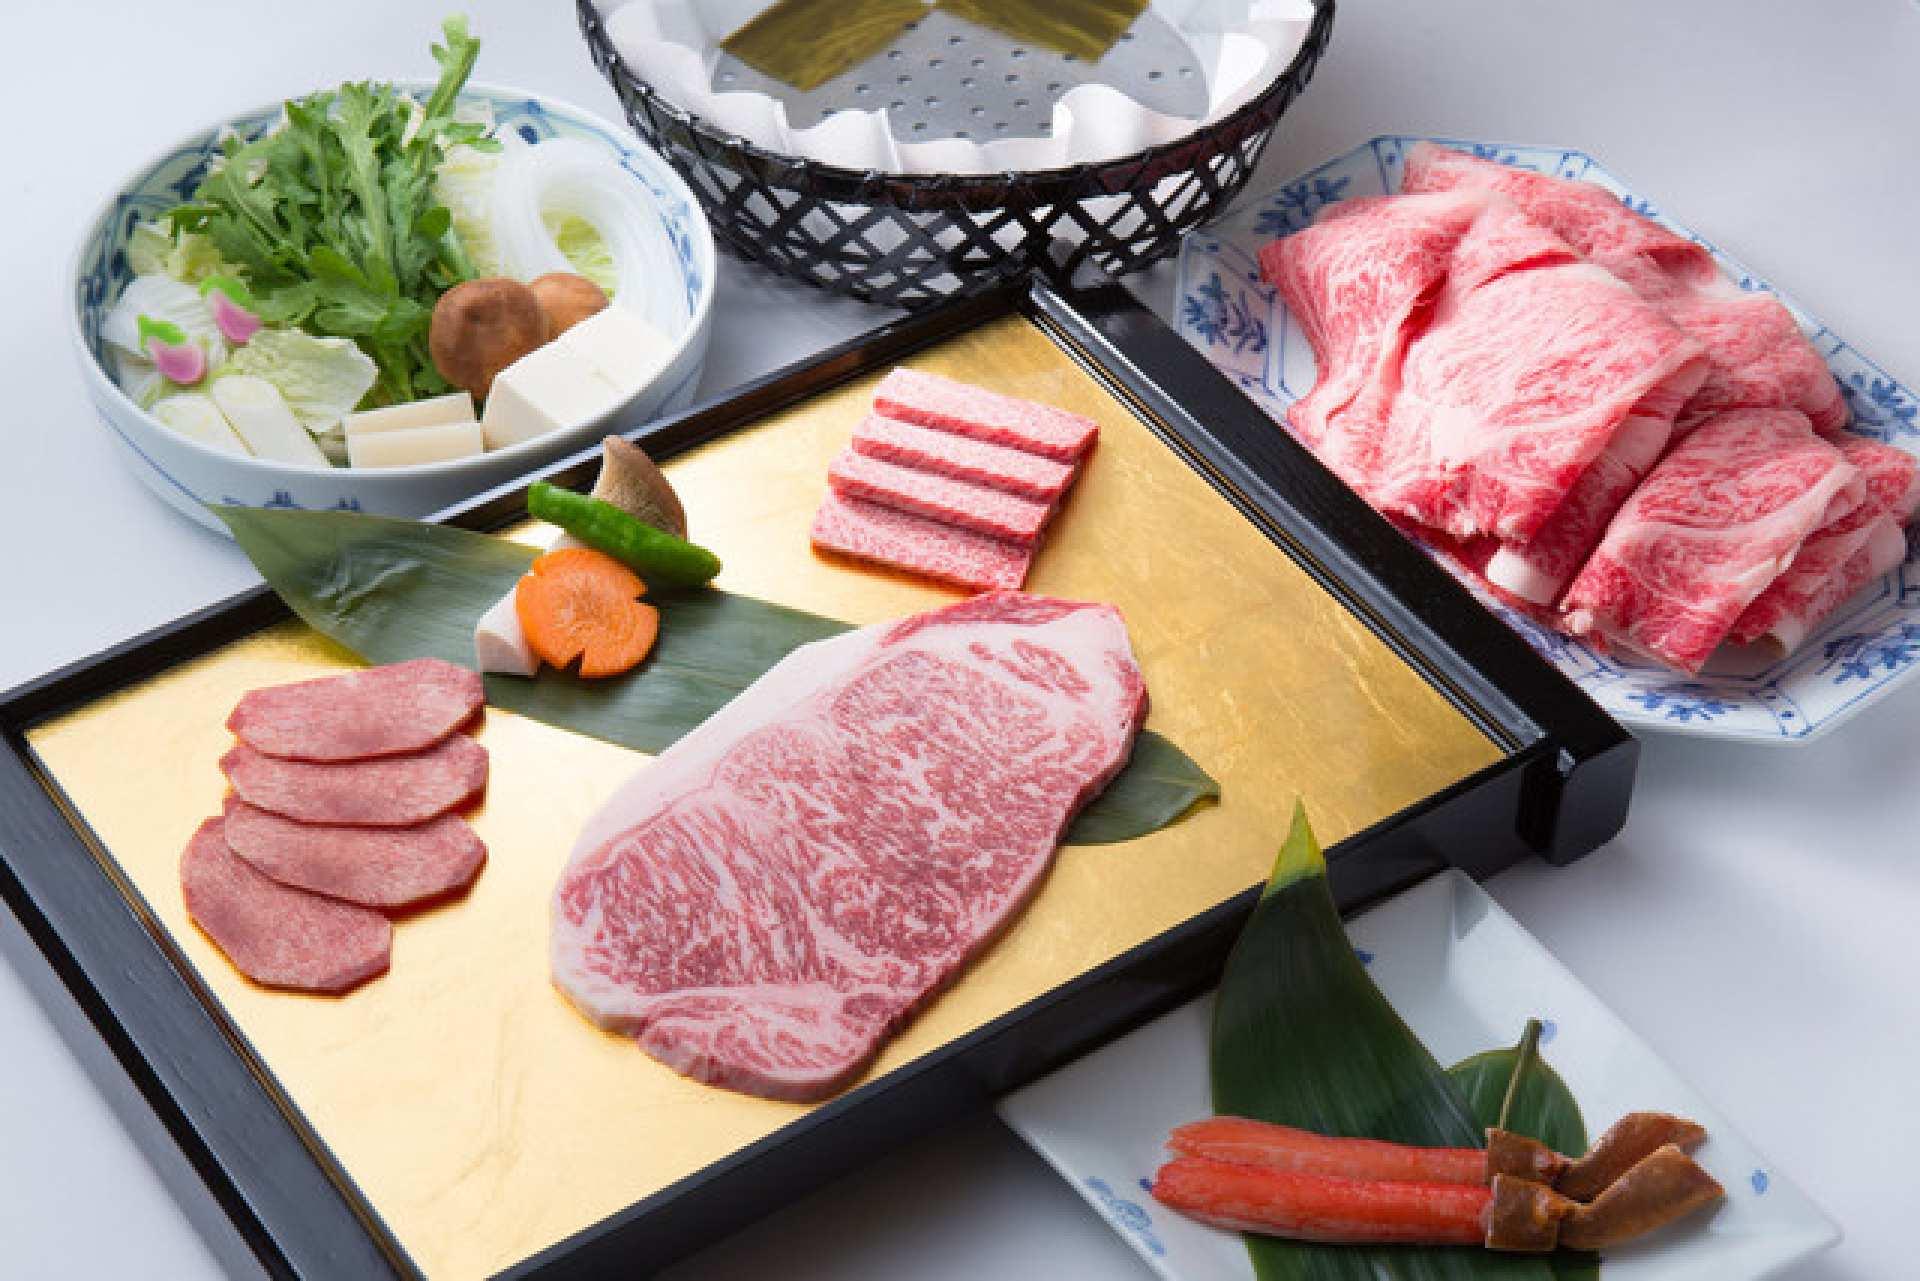 【日本人氣燒肉】 新宿燒肉亭六歌仙吃到飽